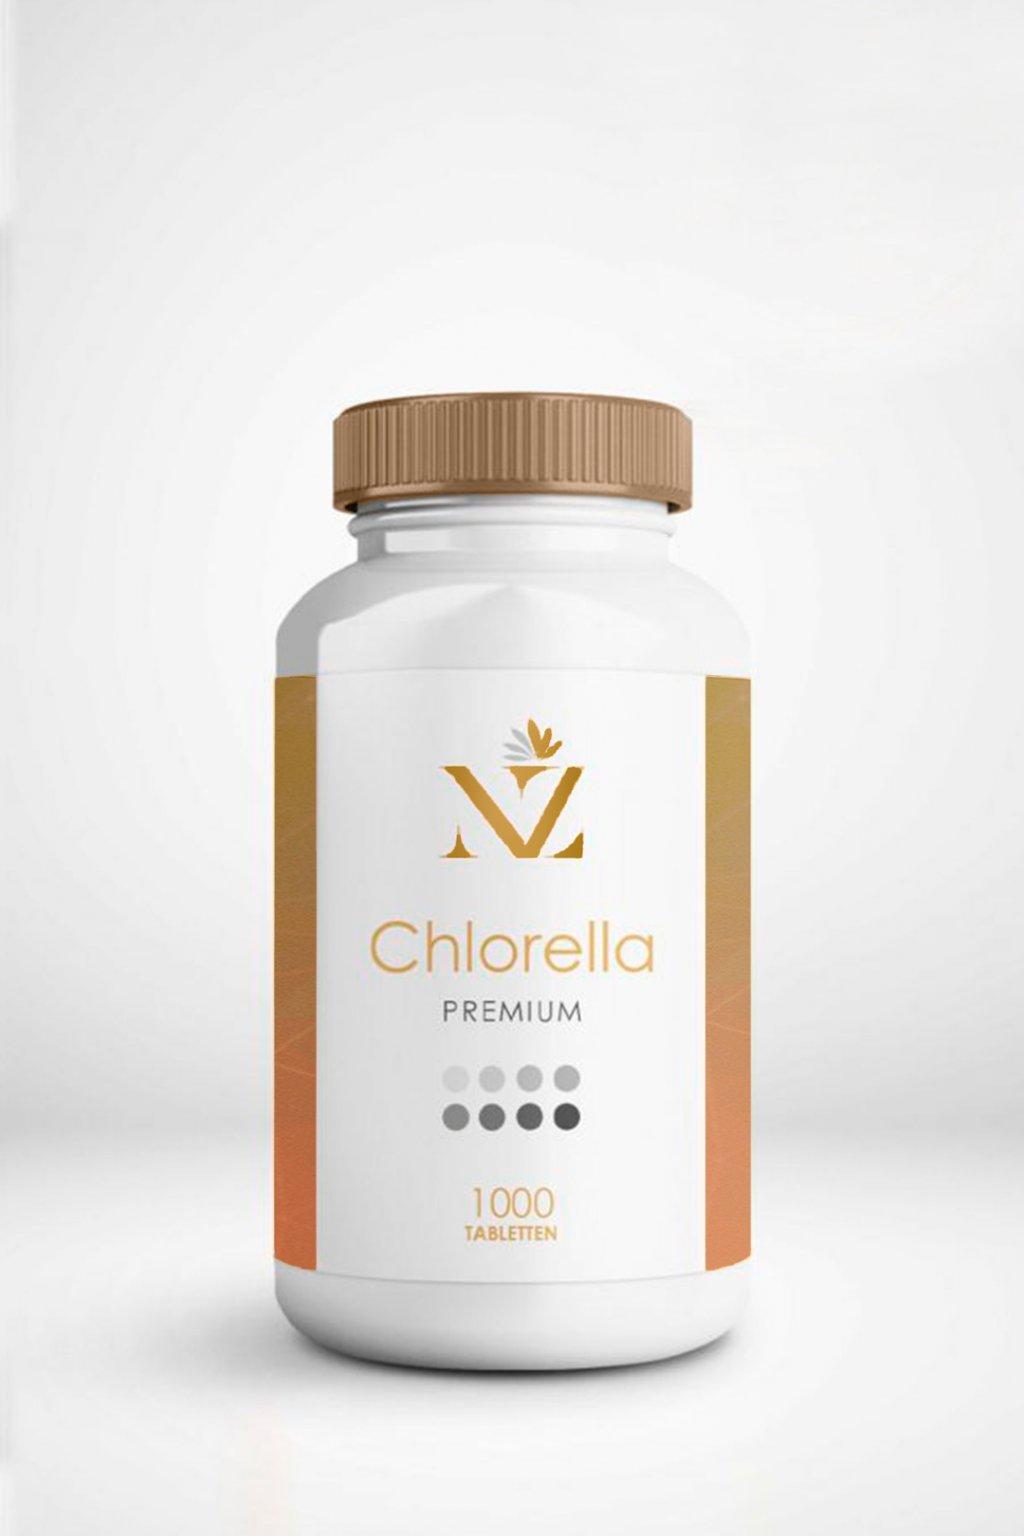 NZ Chlorella premium 1000 tabletten 1080x1620px